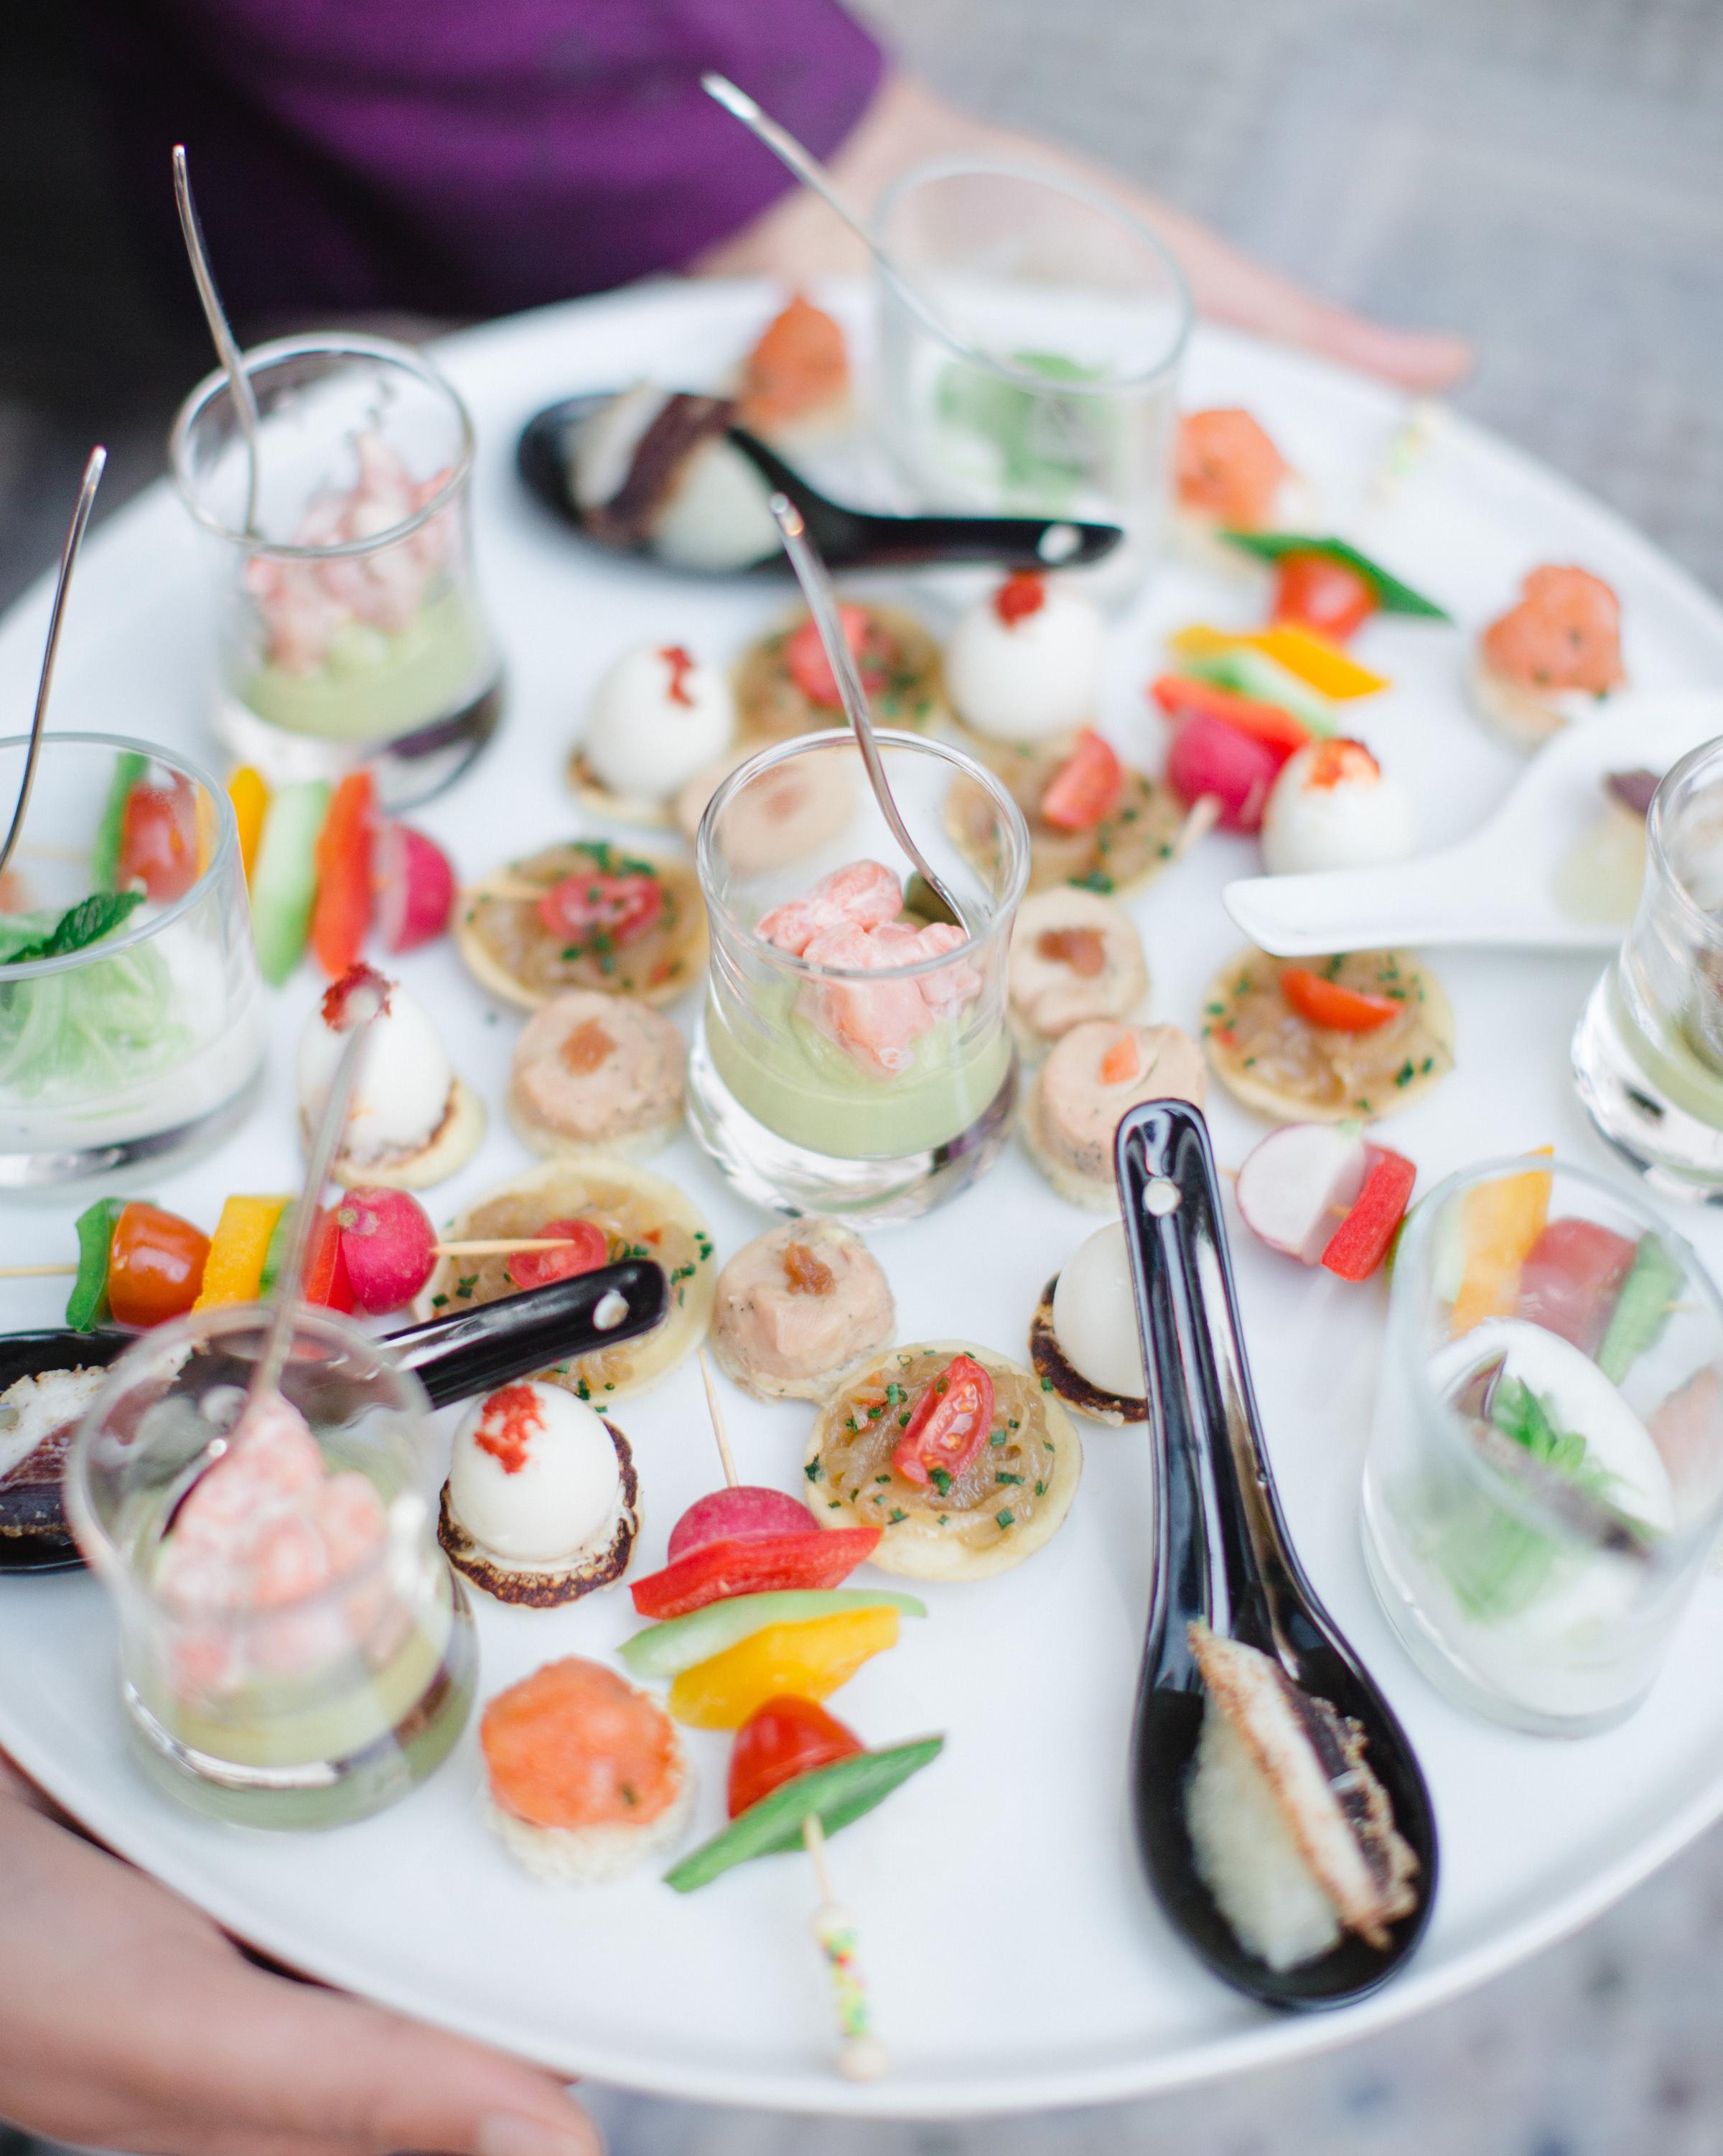 federica-tommaso-wedding-appetizers-081-s112330-1015.jpg